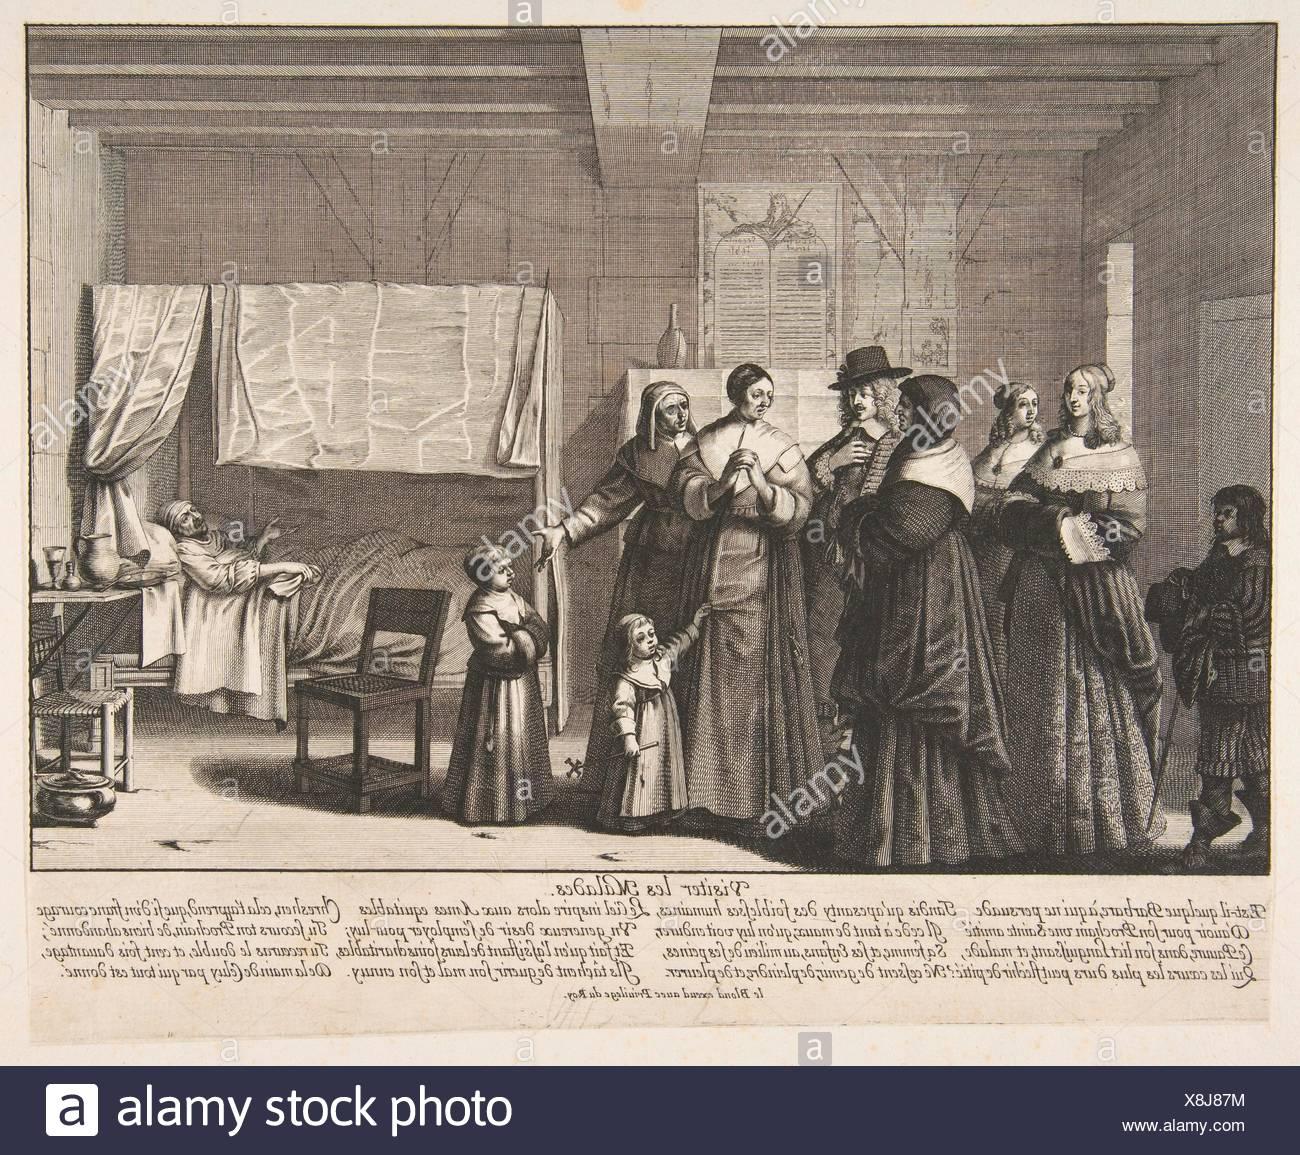 Visiting the Sick (Visiter les malades). Series/Portfolio: Les OEuvres de miséricorde; Artist: Abraham Bosse (French, Tours 1602/1604-1676 Paris); - Stock Image